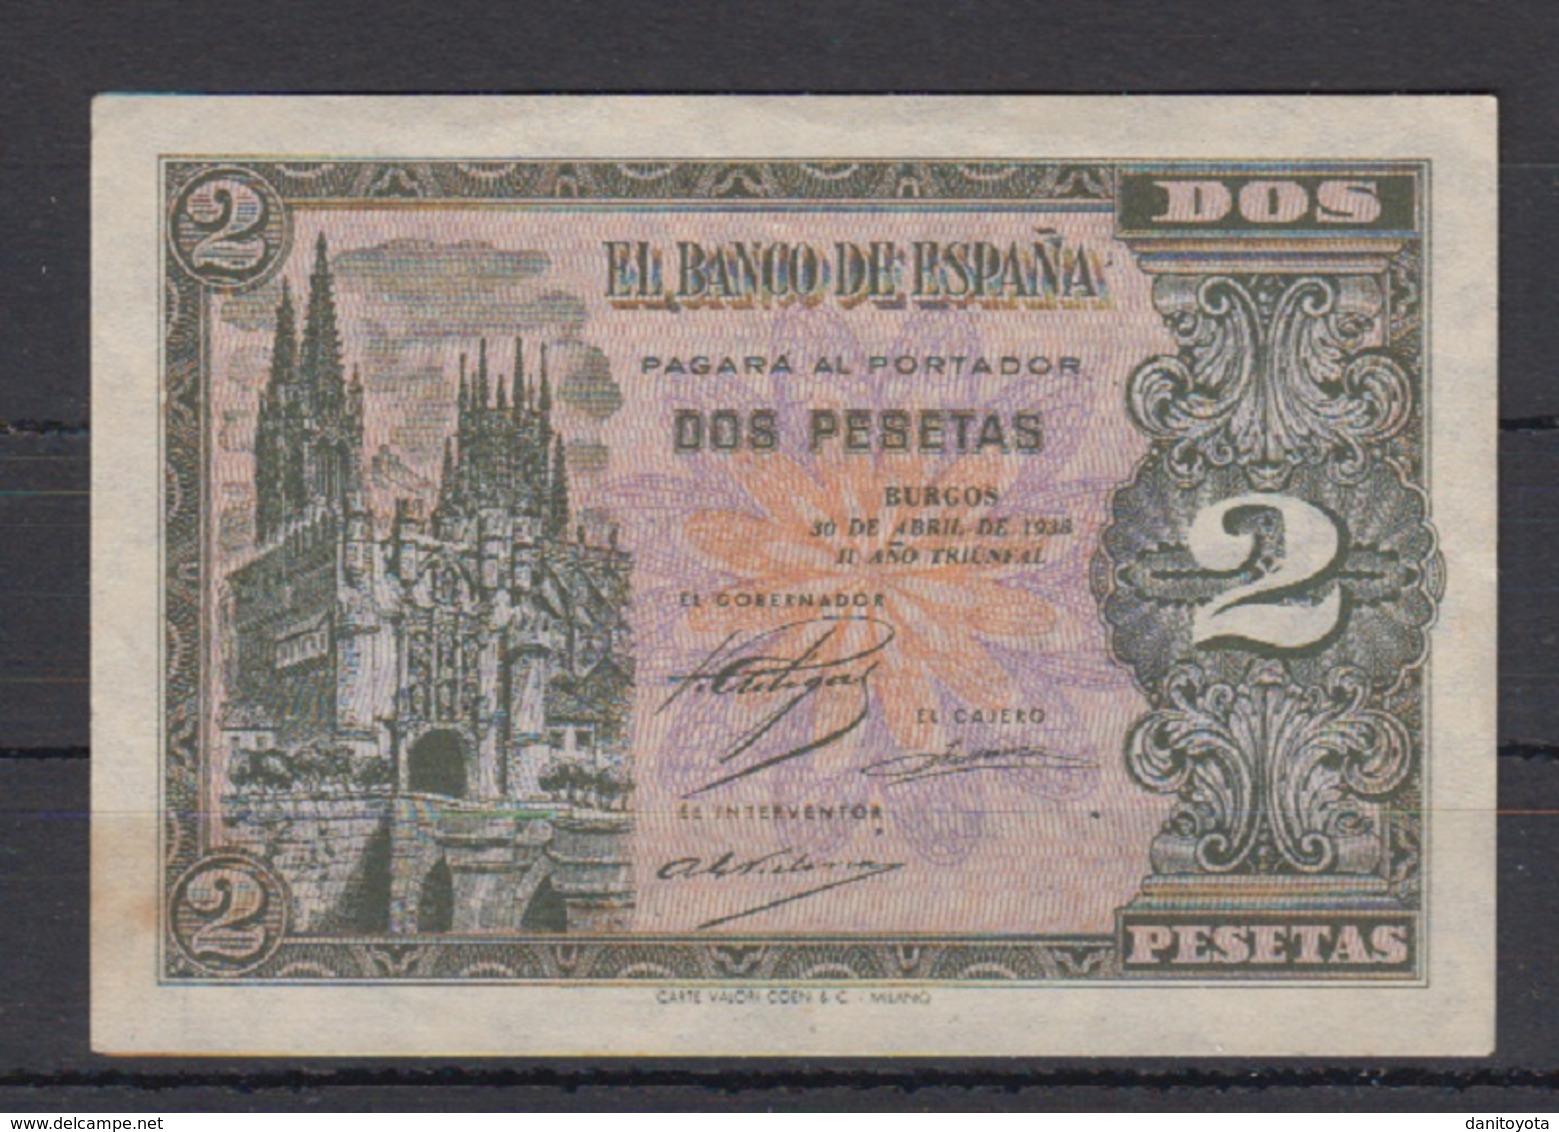 EDIFIL 429a.   2 PTAS 30 DE ABRIL DE 1938 SERIE D.   CATEDRAL DE BURGOS. - 1-2 Pesetas